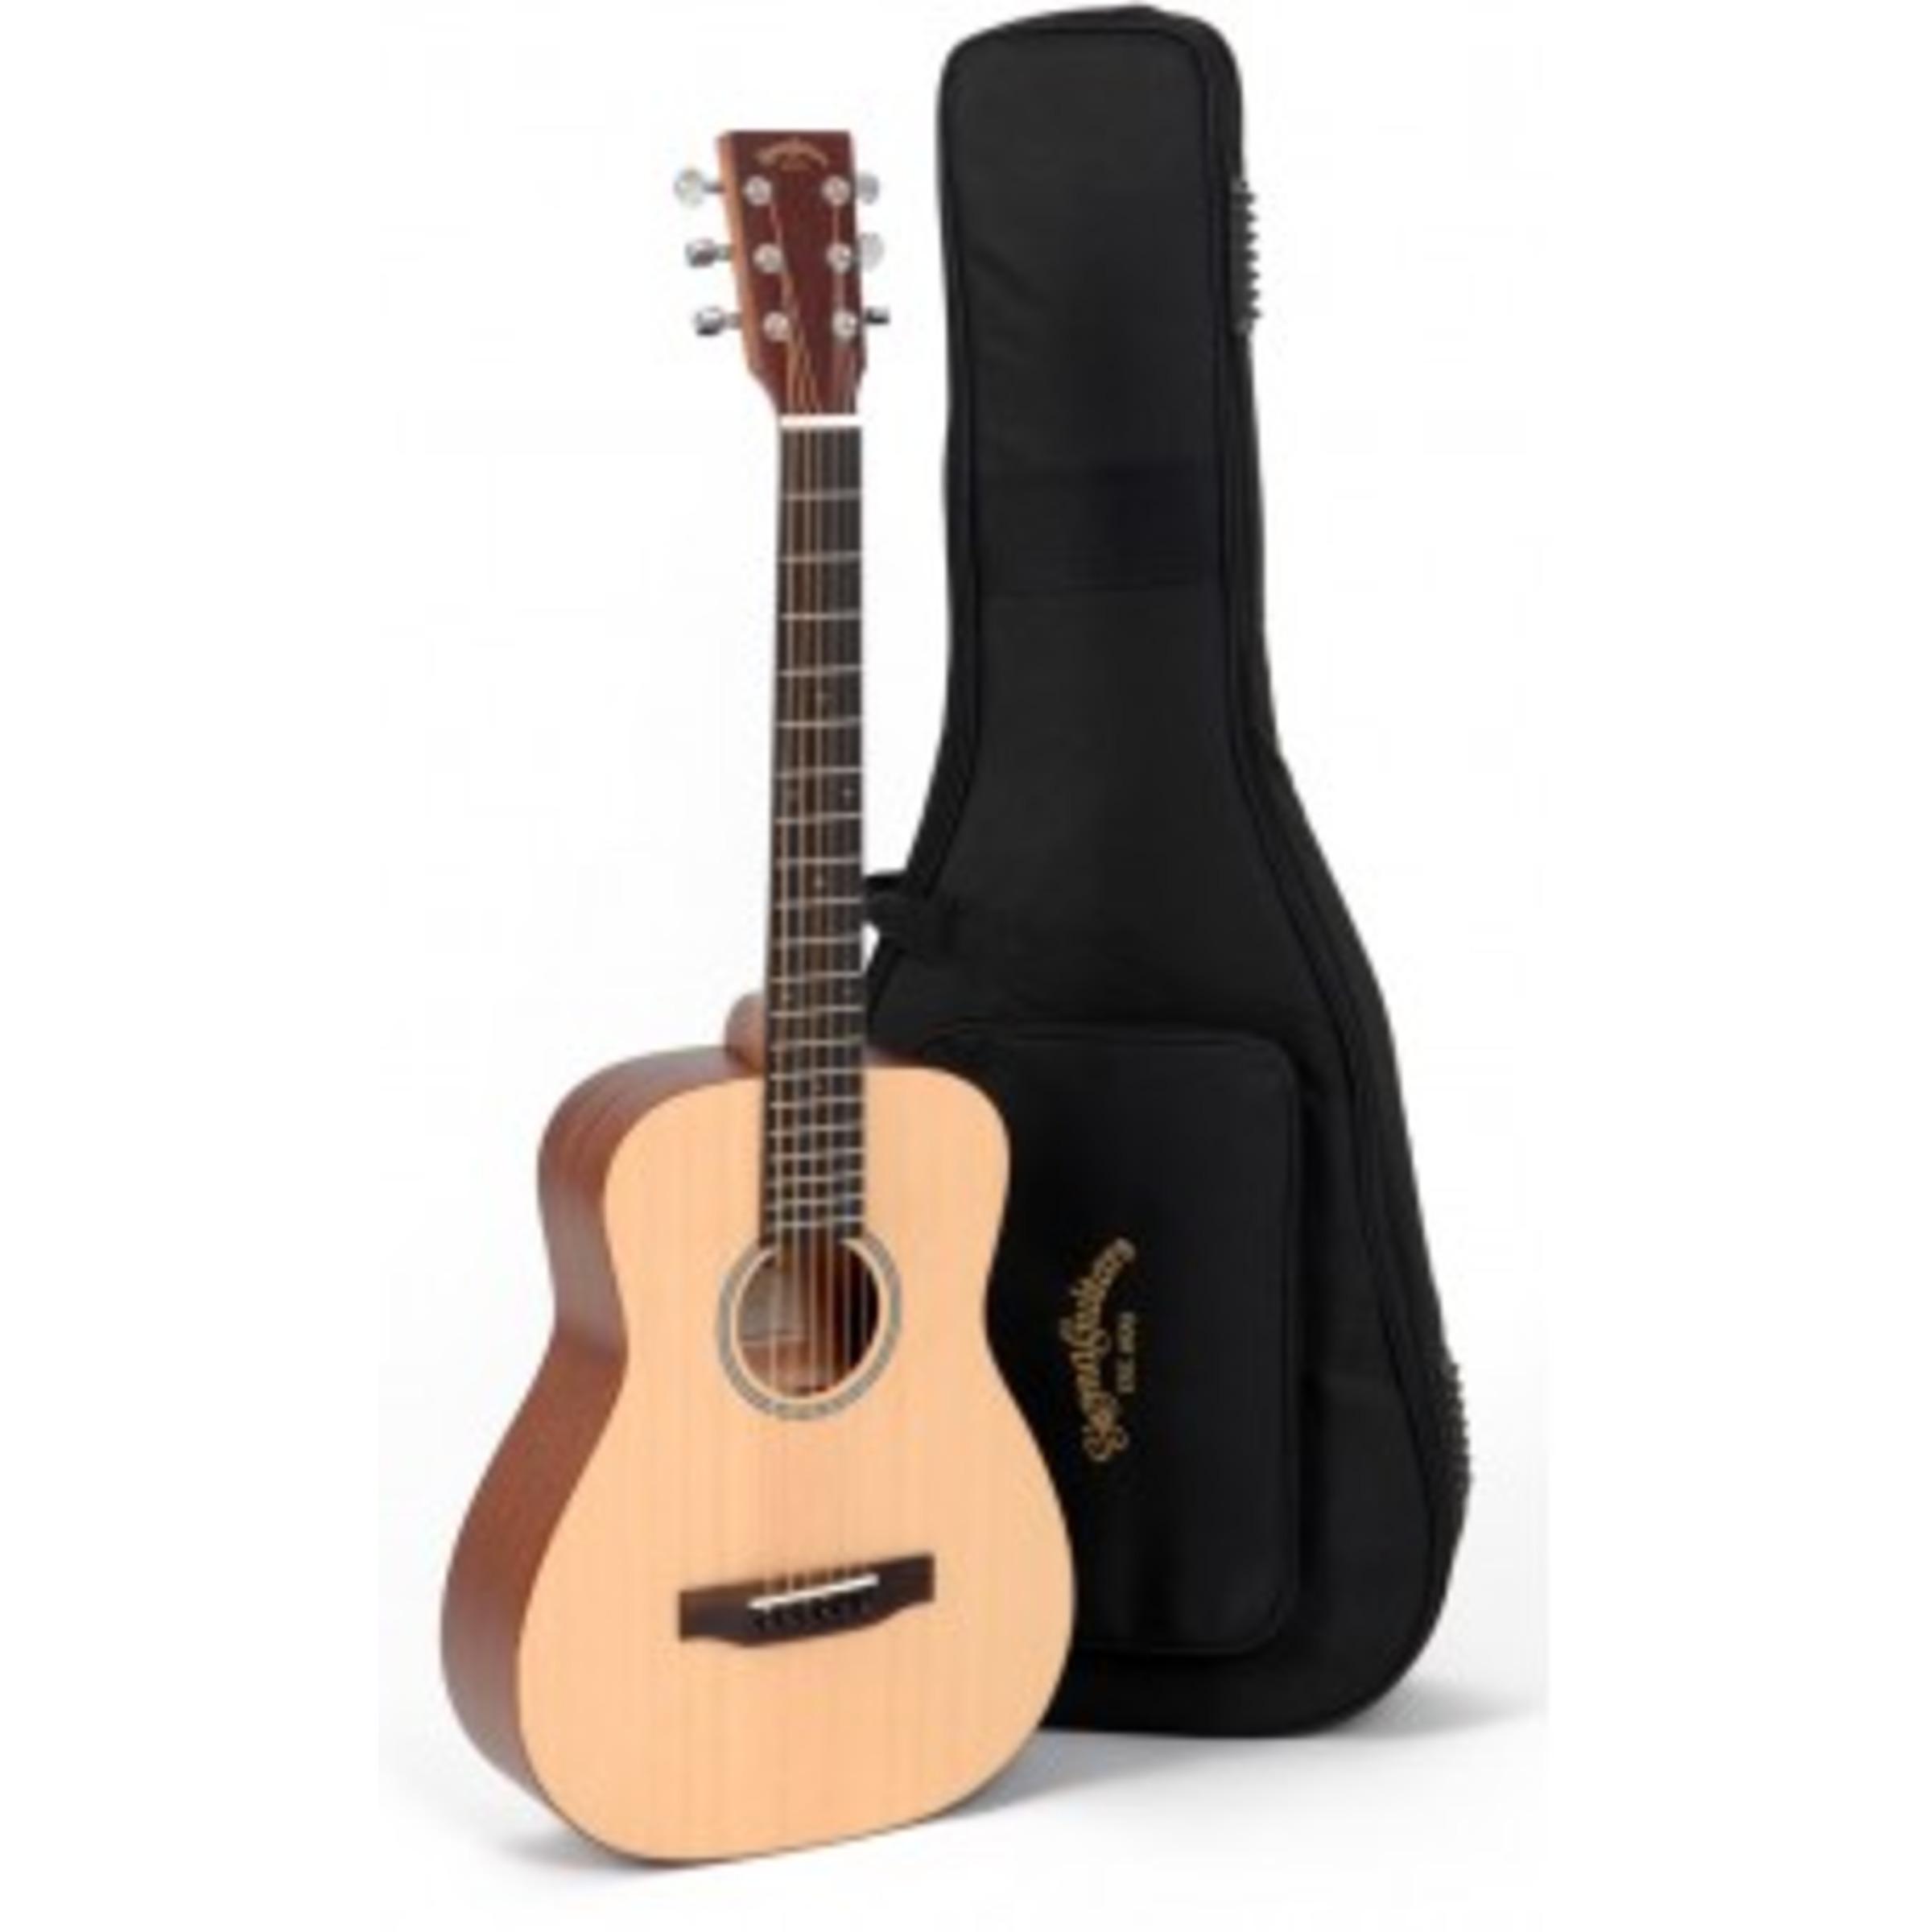 sigma tm12 travel acoustic guitar giggear. Black Bedroom Furniture Sets. Home Design Ideas